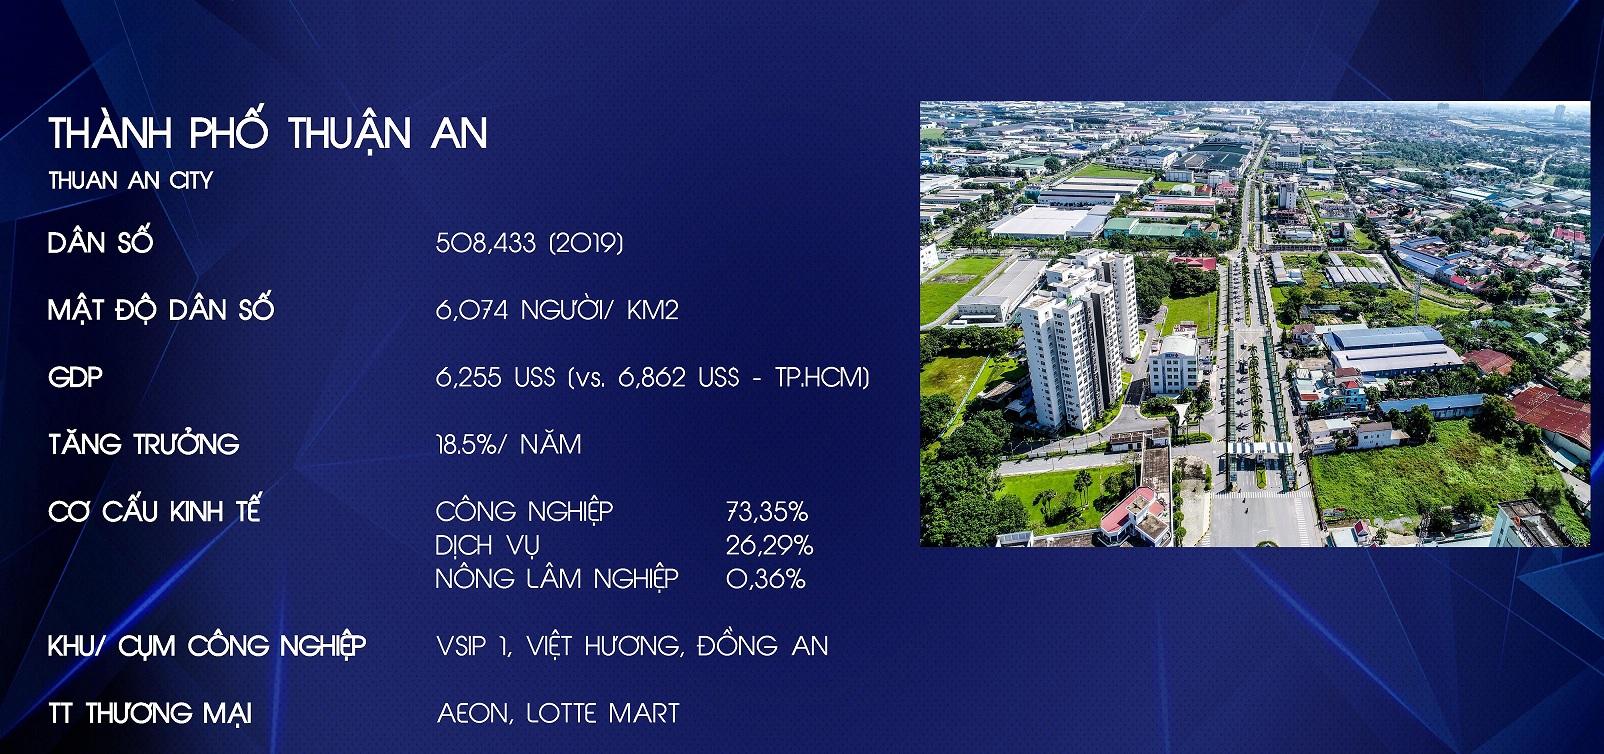 Thuận An Bình Dương phát triển căn hộ